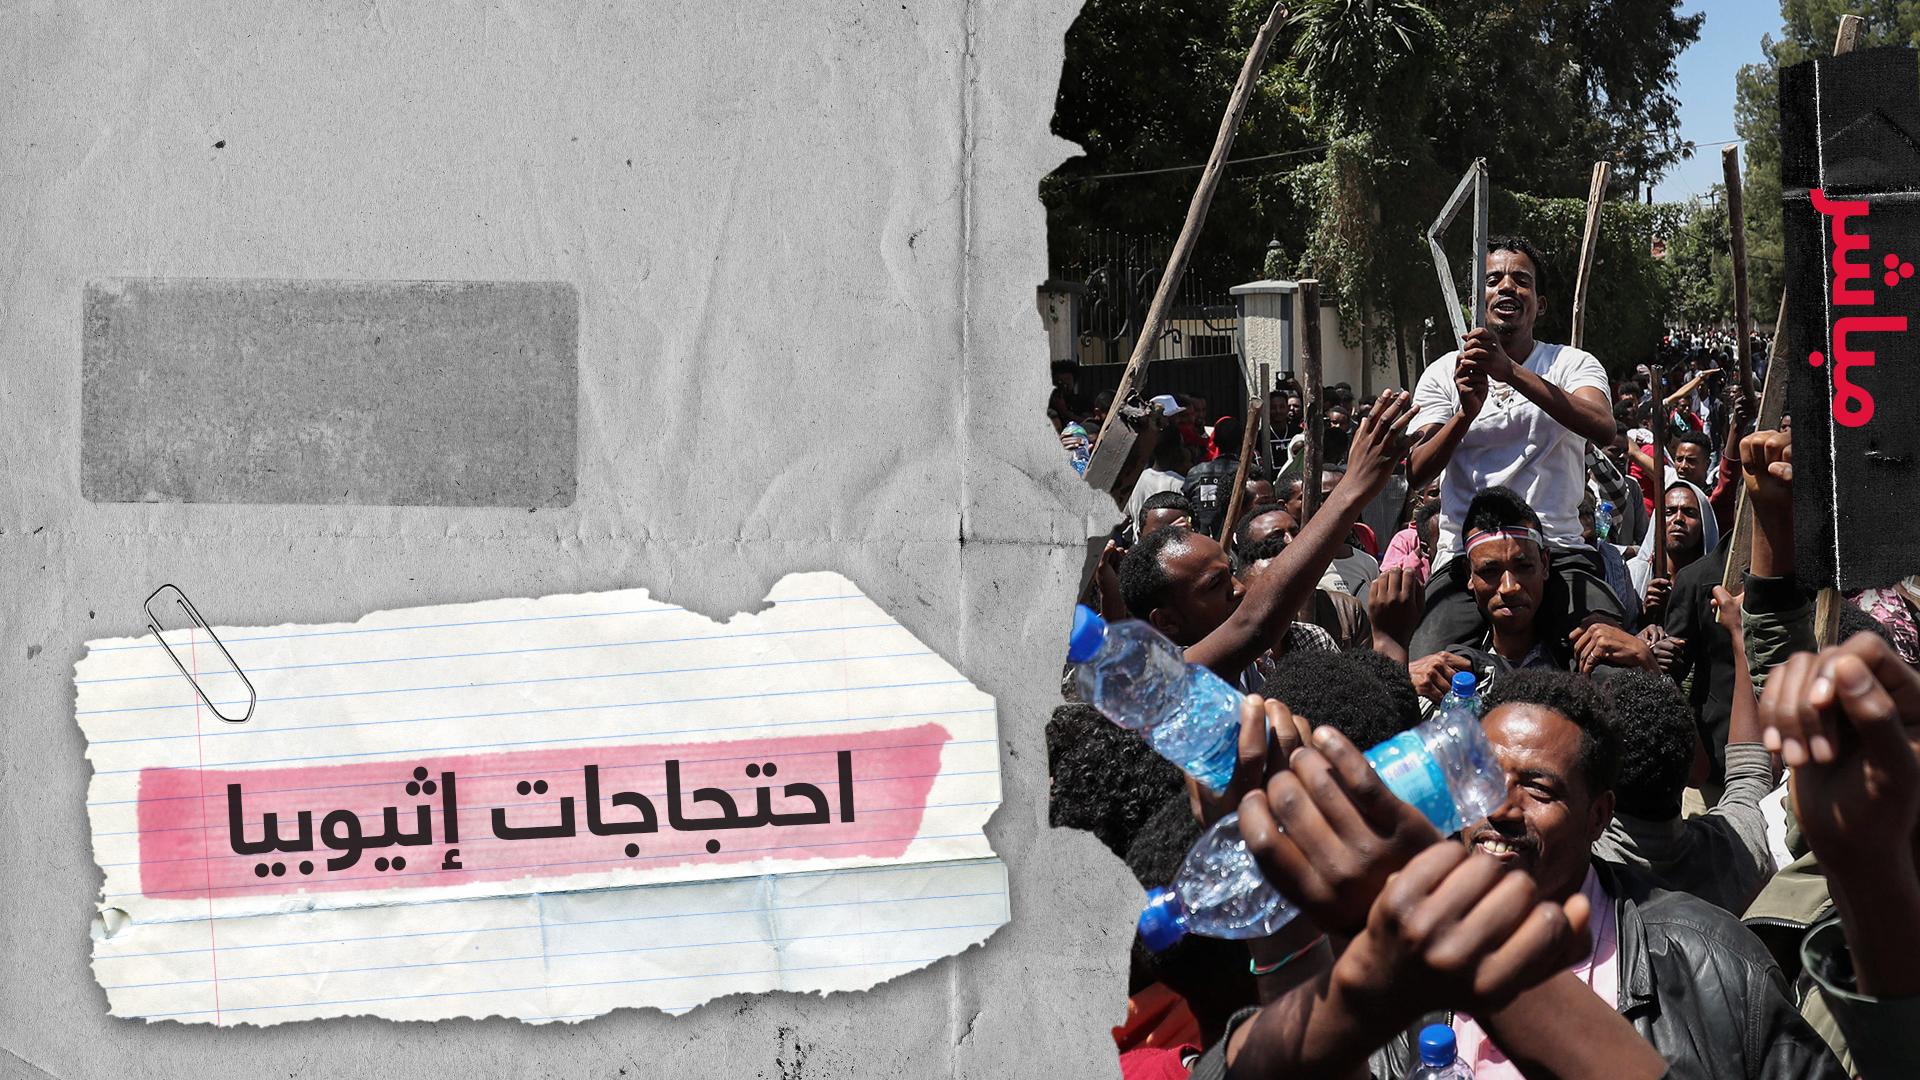 تظاهرات وغضب في إثيوبيا وآبي أحمد يتهم جهات خارجية